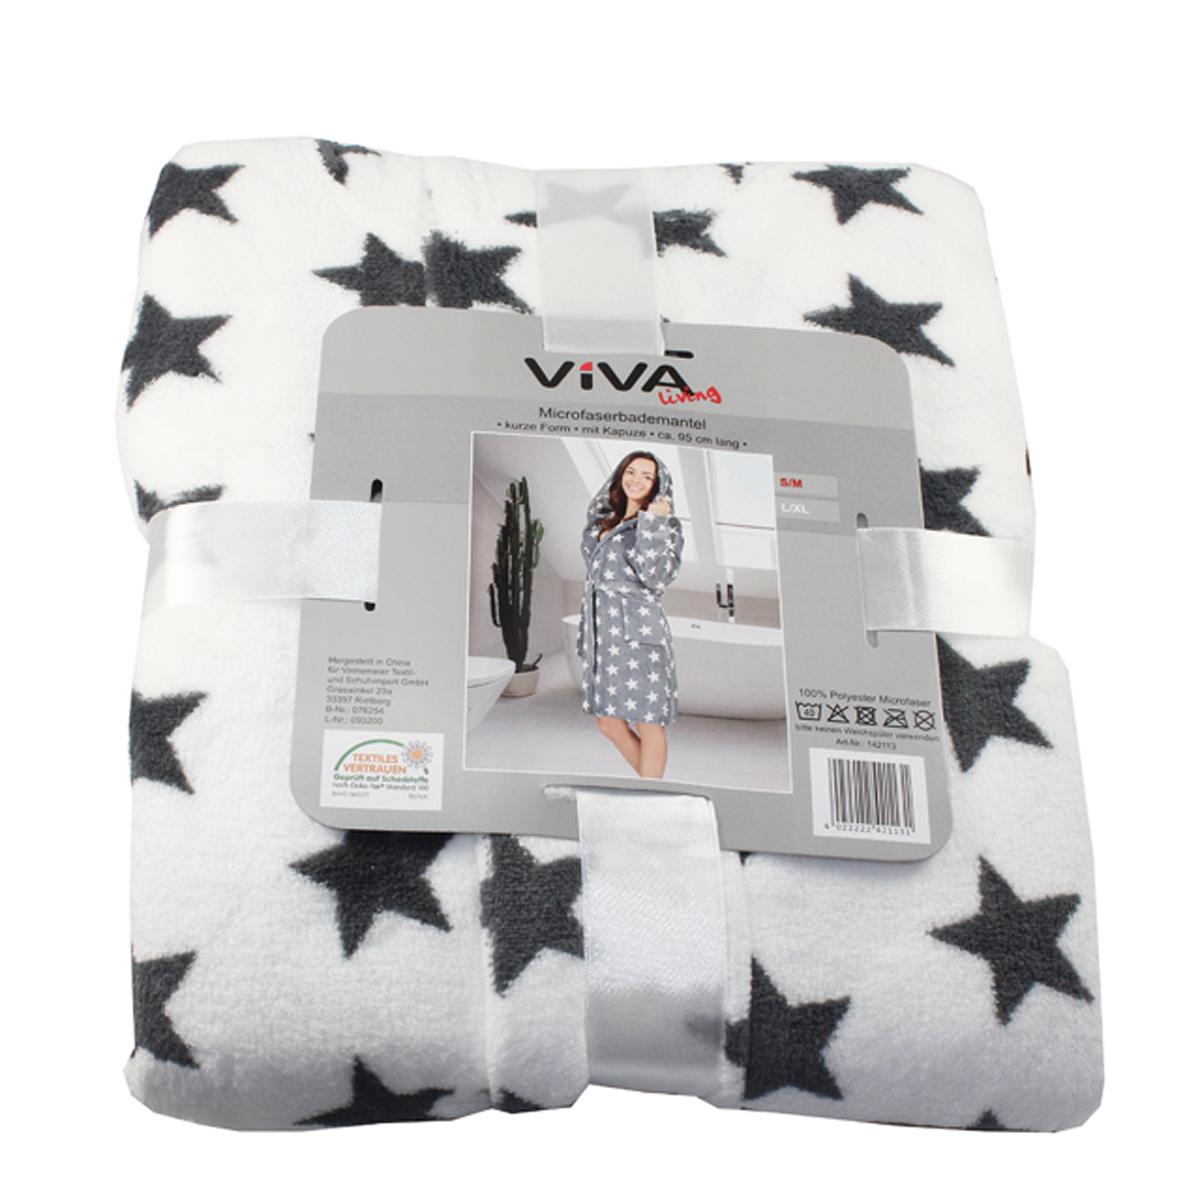 taschen und k rbe 1 zubeh r 4 schlitten und rodel 3 schlitten 3. Black Bedroom Furniture Sets. Home Design Ideas